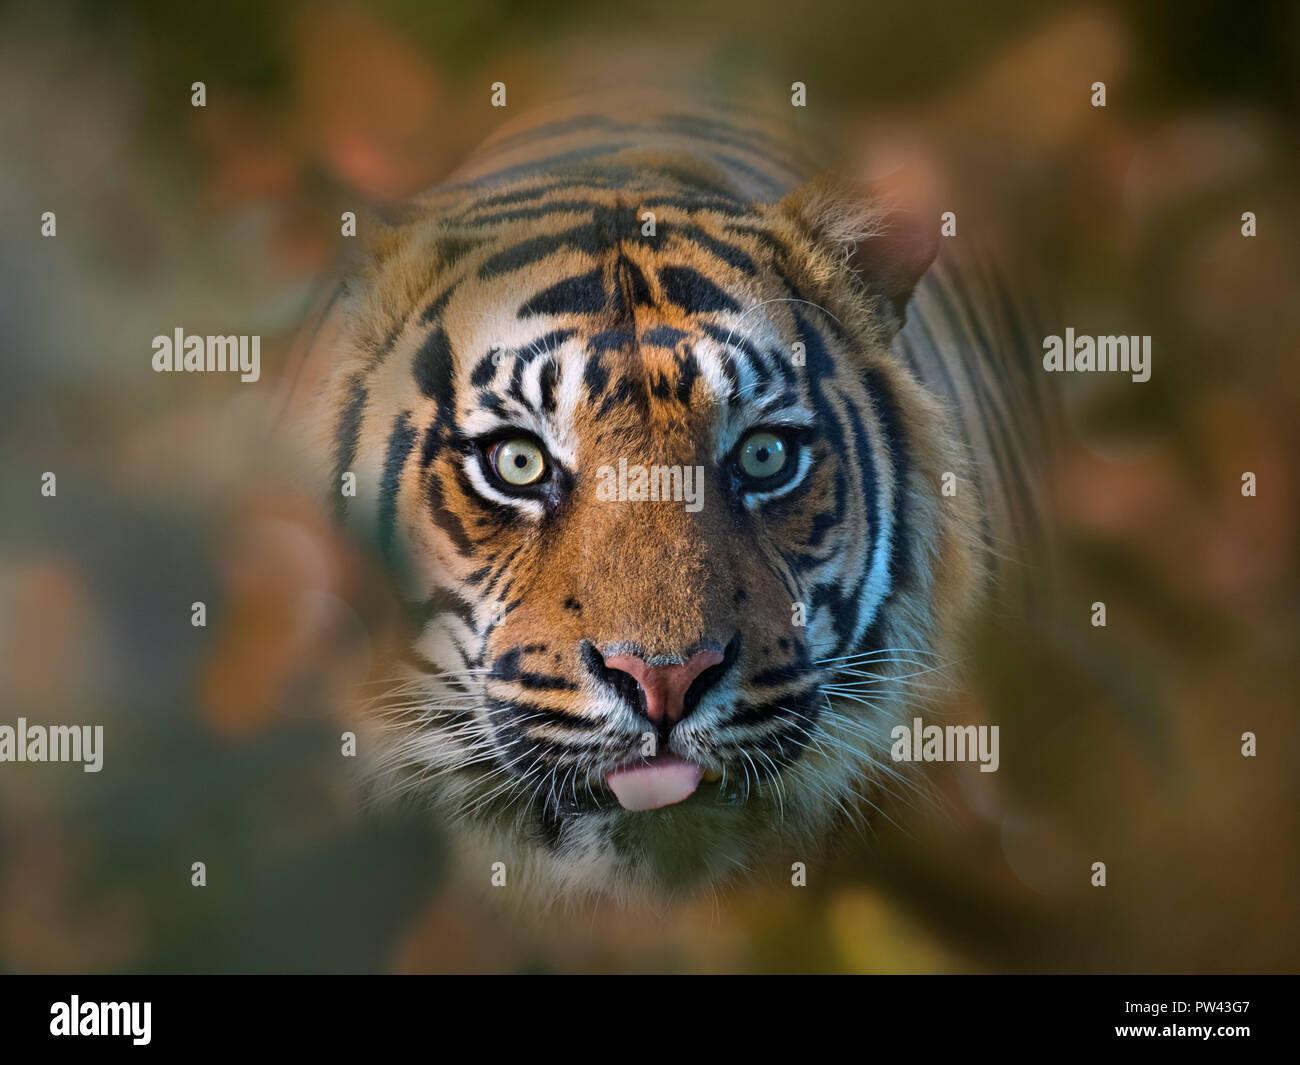 Sumatran tiger Panthera tigris sondaica CAPTIVE Stock Photo